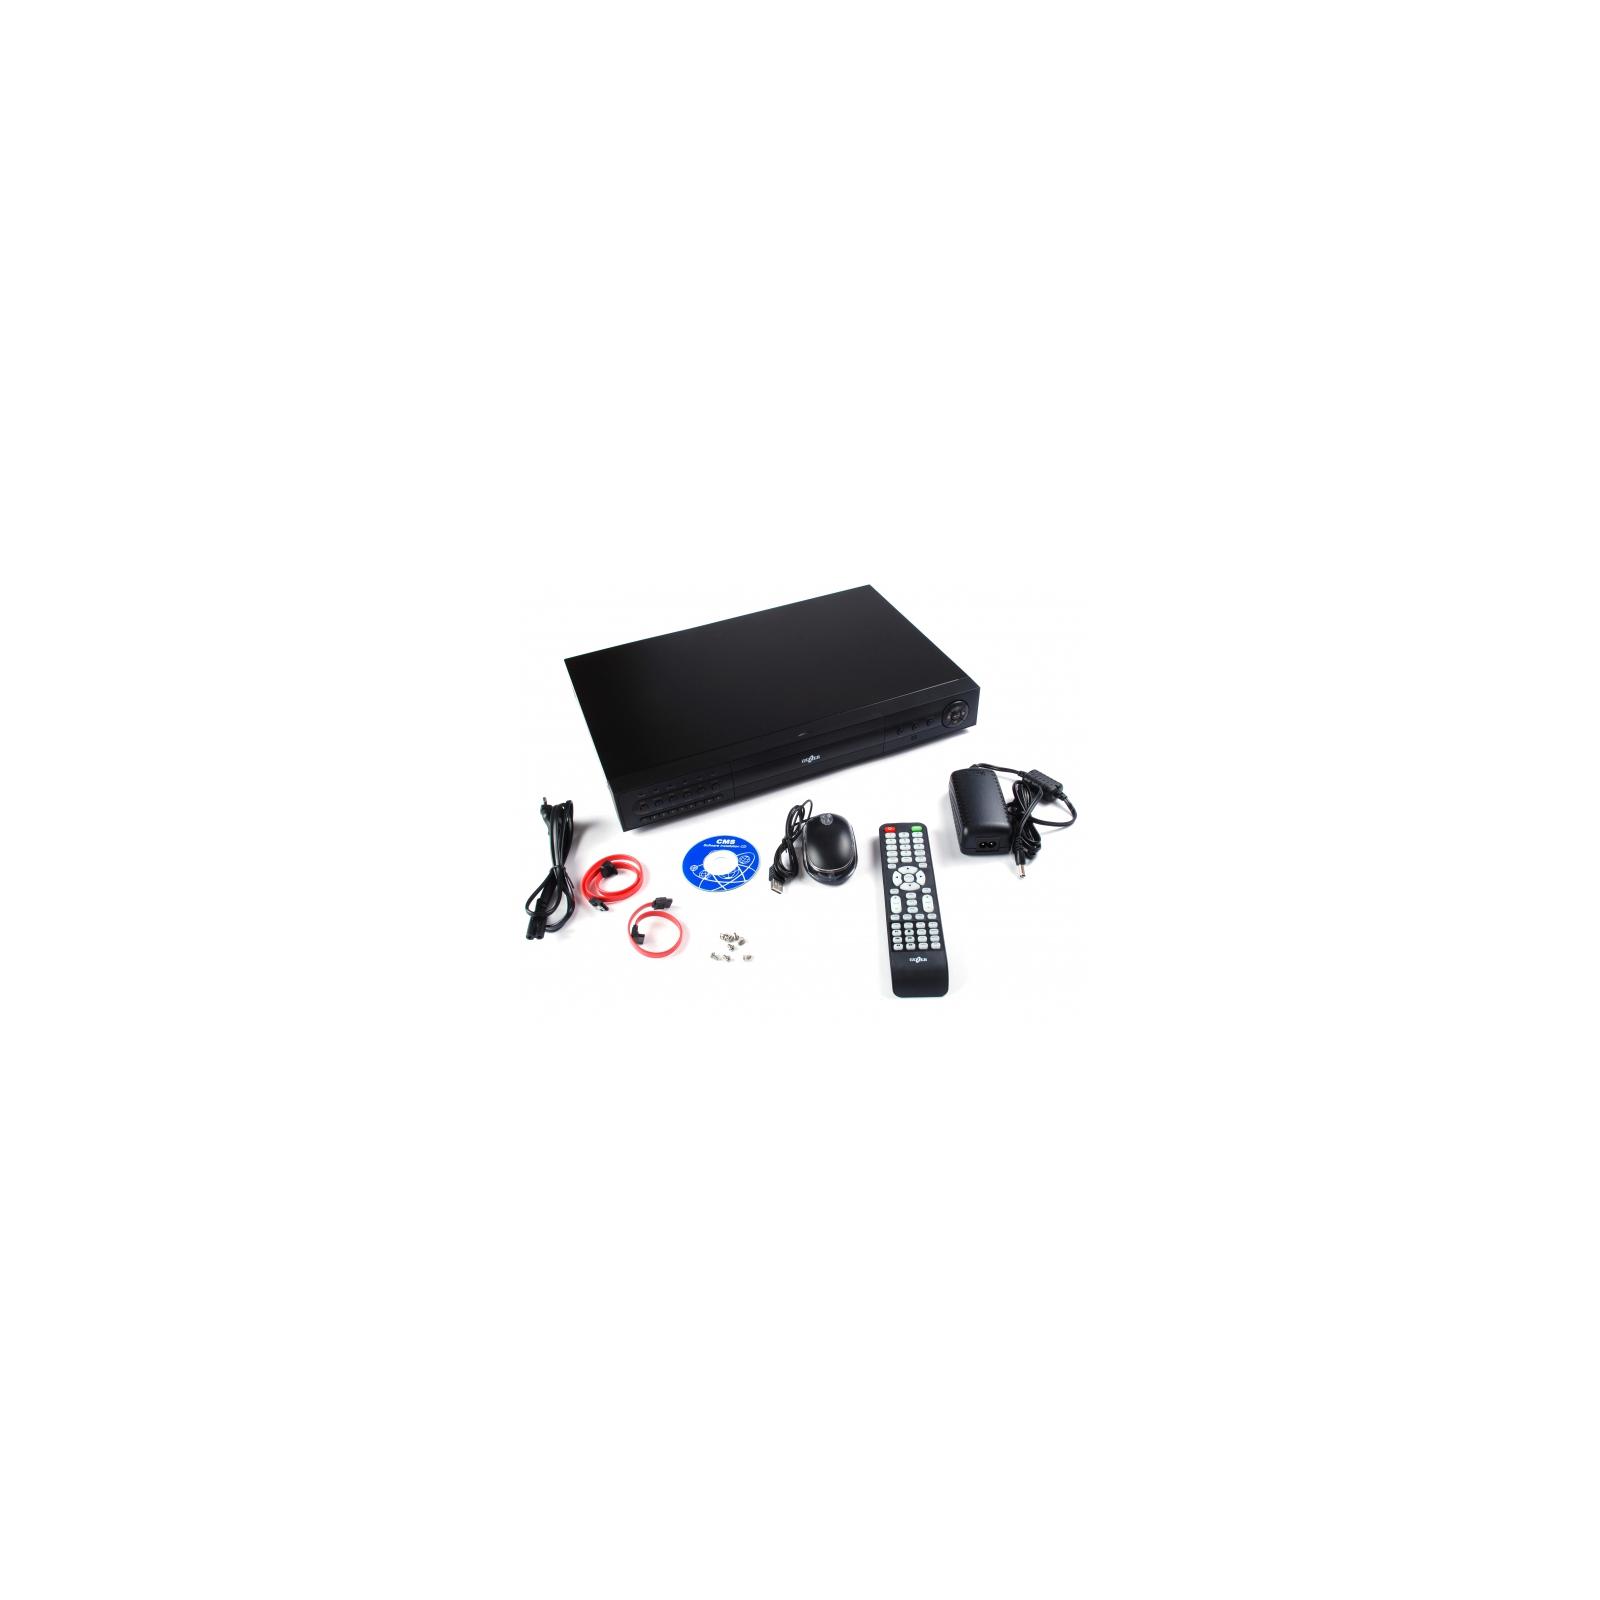 Регистратор для видеонаблюдения Gazer NS2208re изображение 9